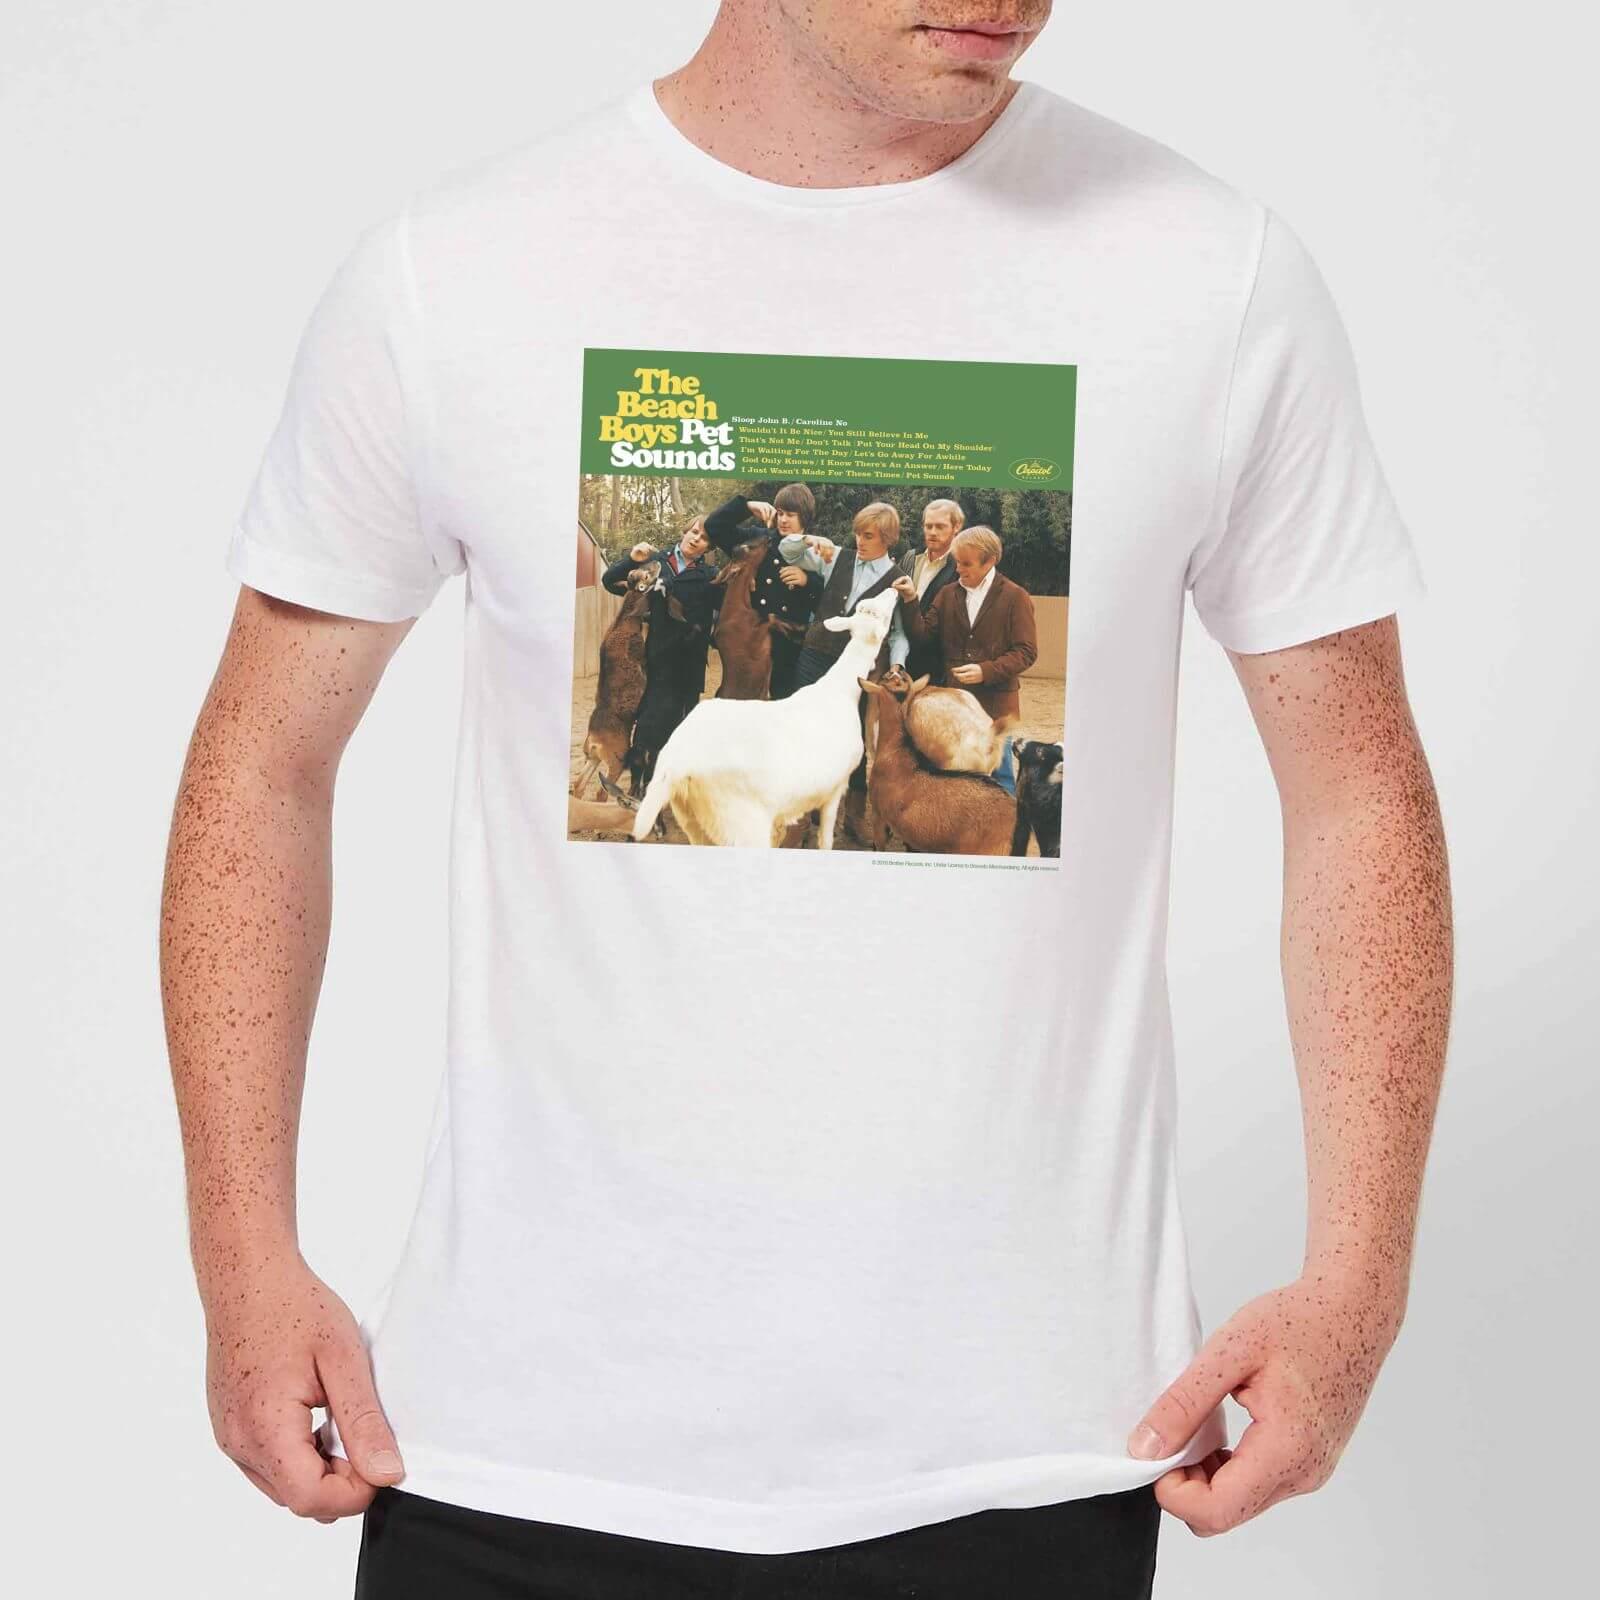 The Beach Boys Pet Sounds Herren T-Shirt - Weiß - XL - Weiß